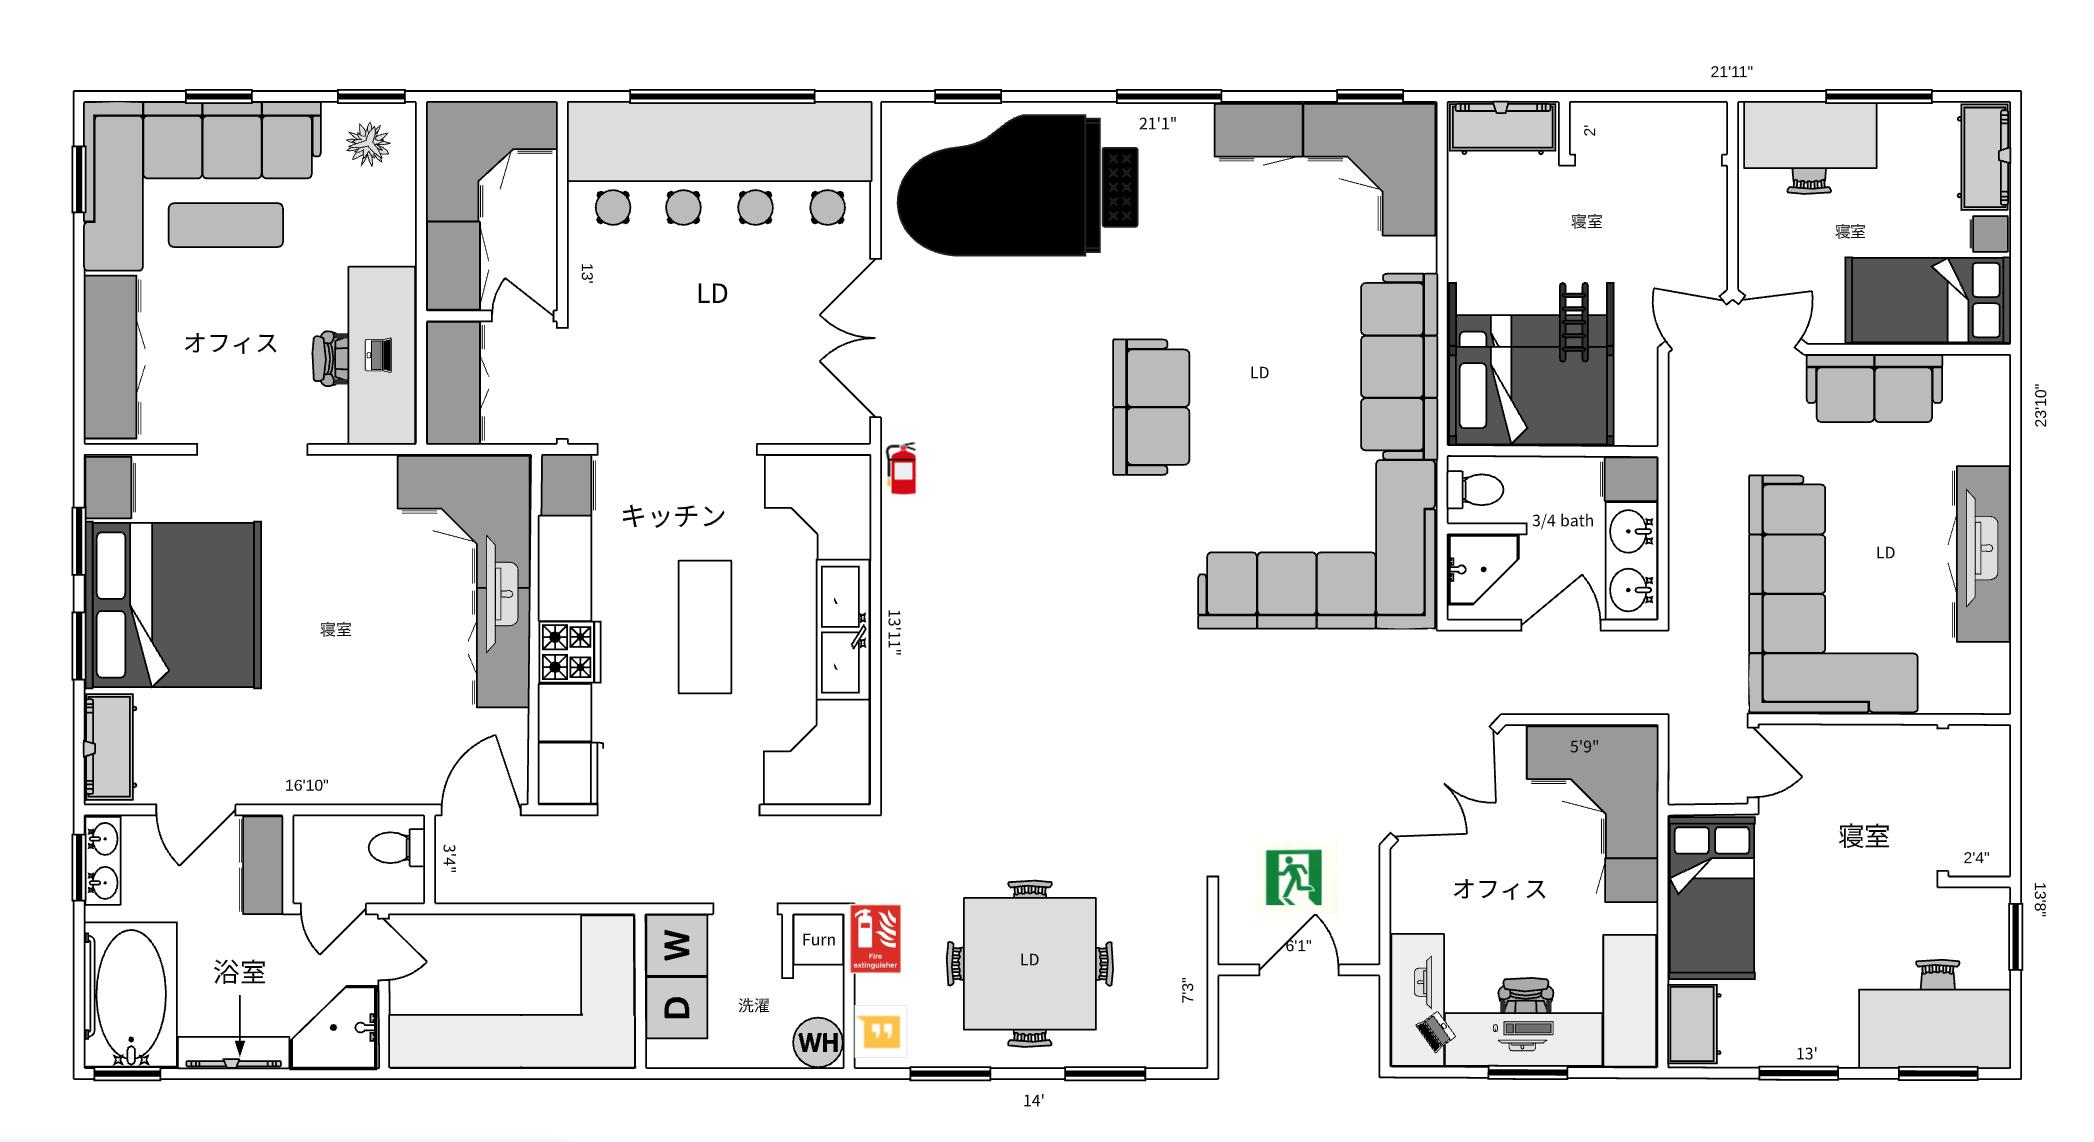 避難経路図の見本1